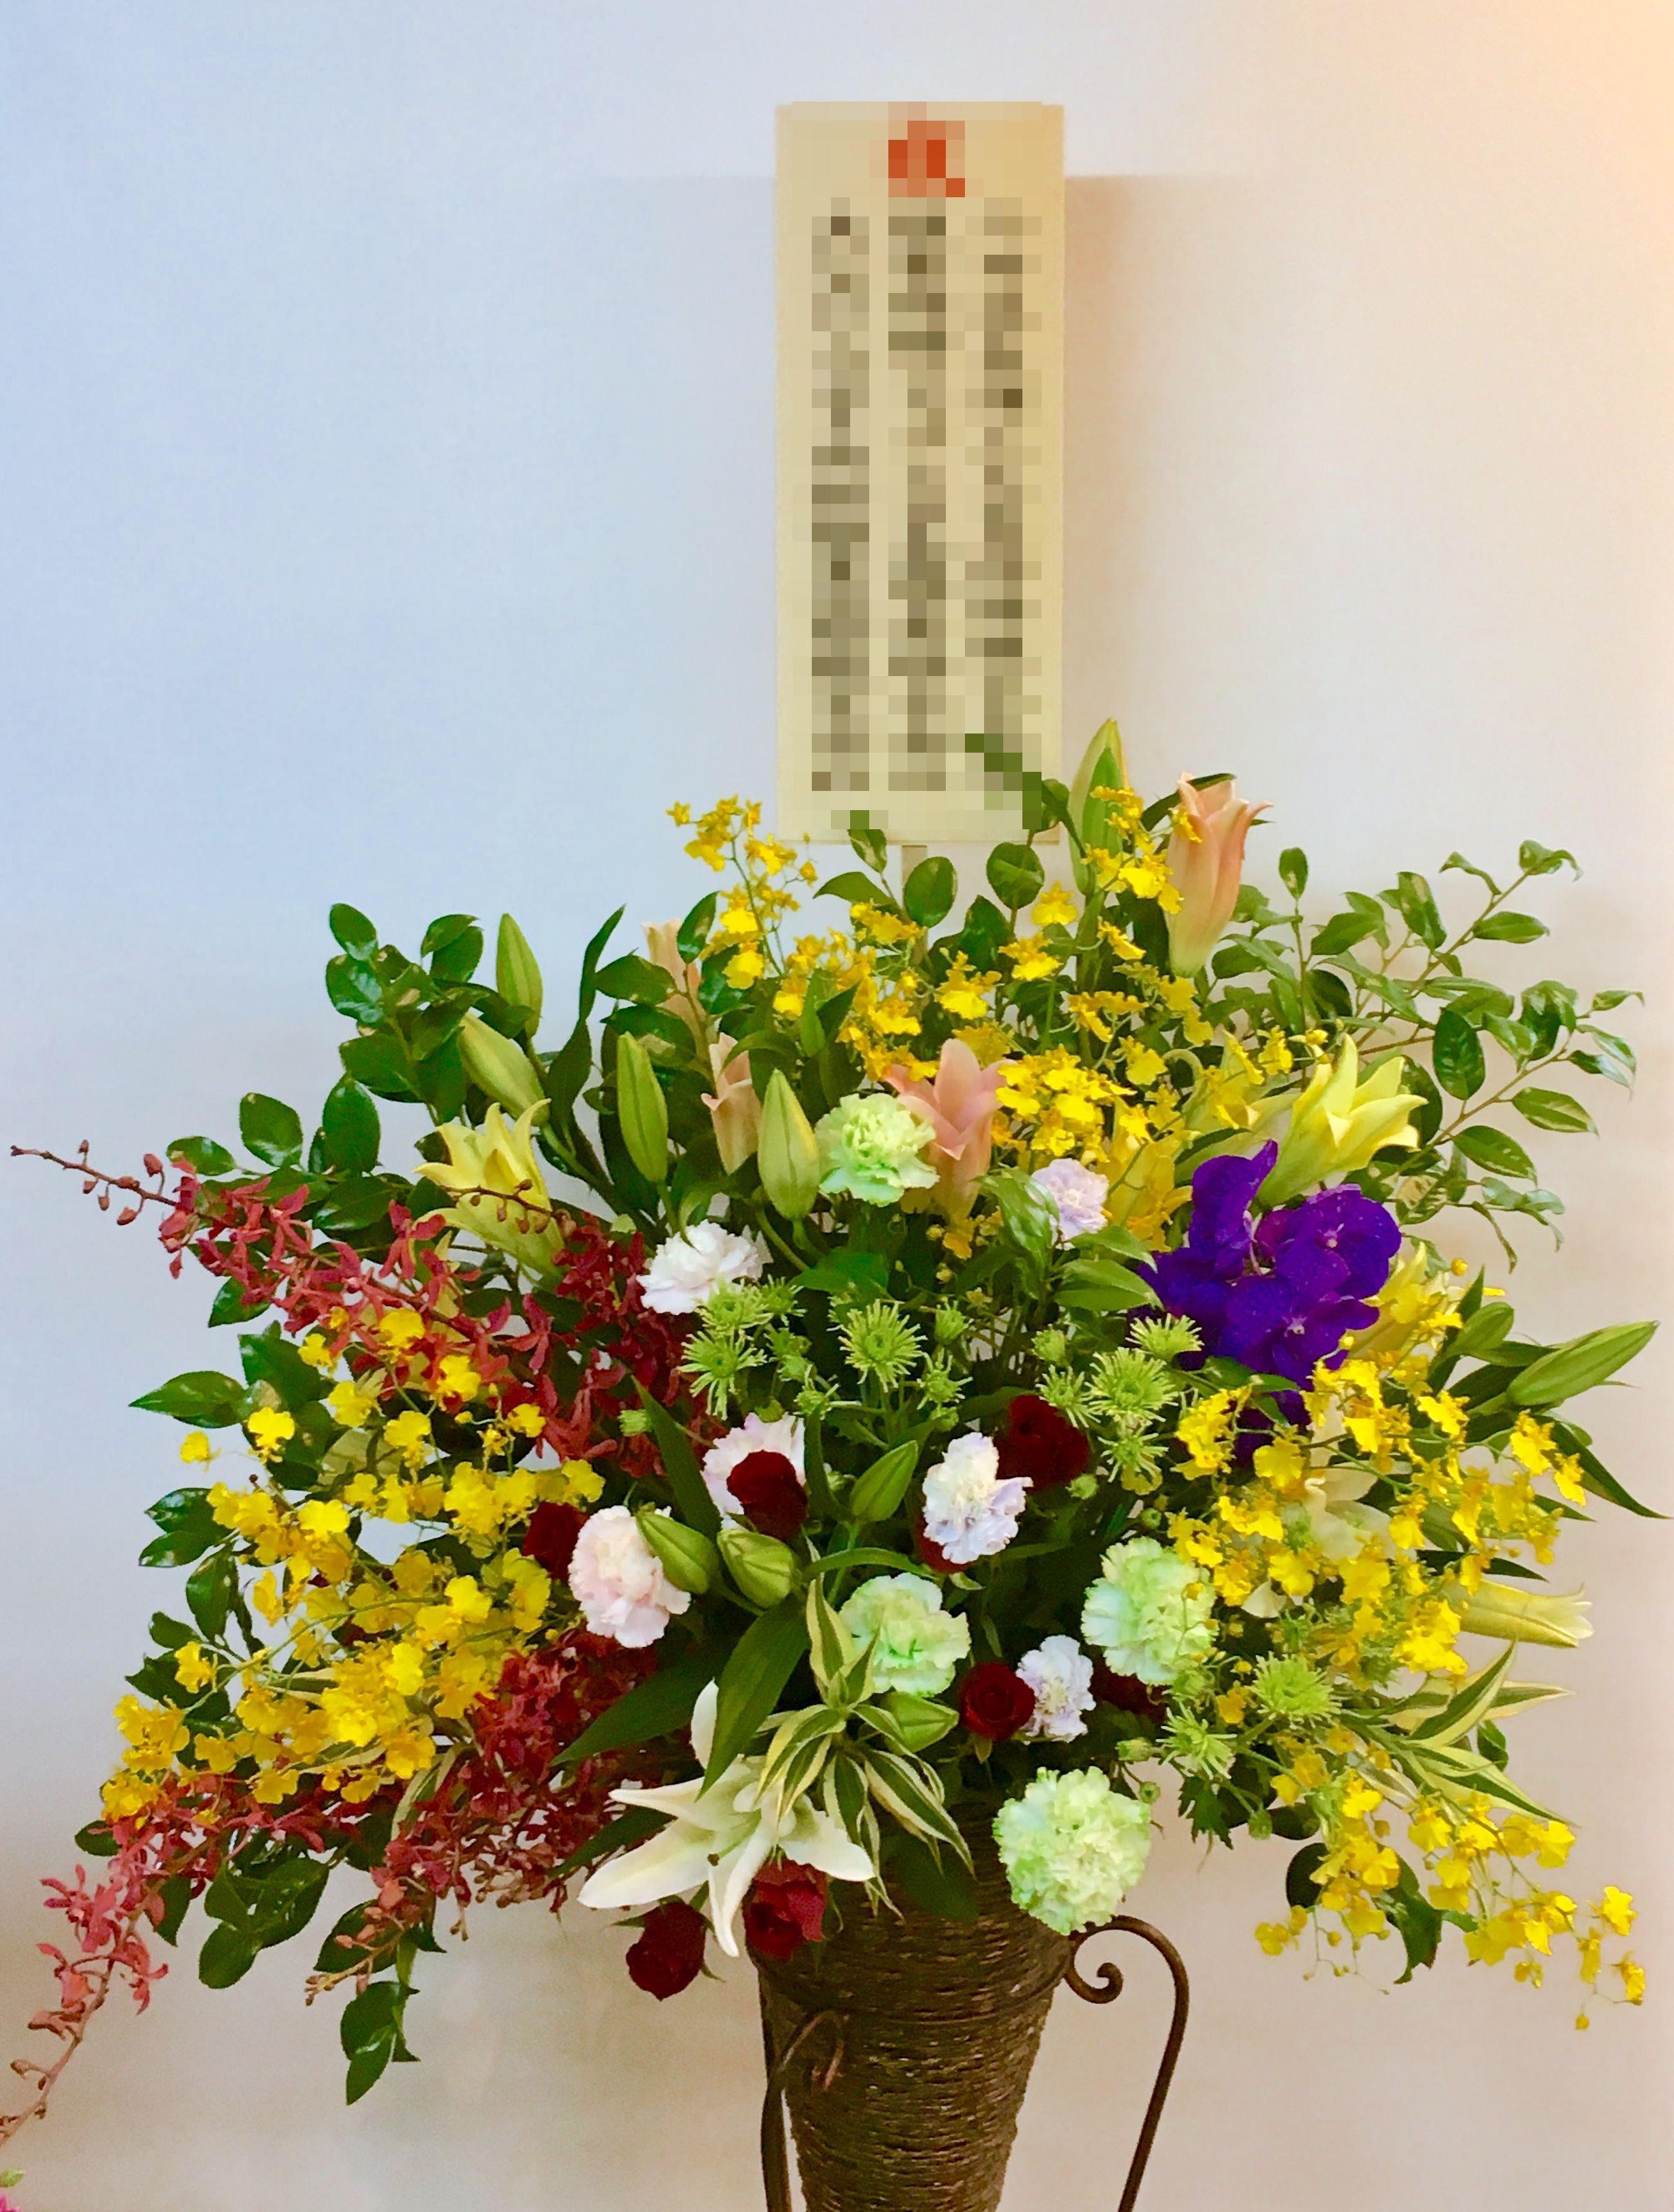 【お花納品事例21】横浜市関内の飲食店にスタンド花を配達しました!